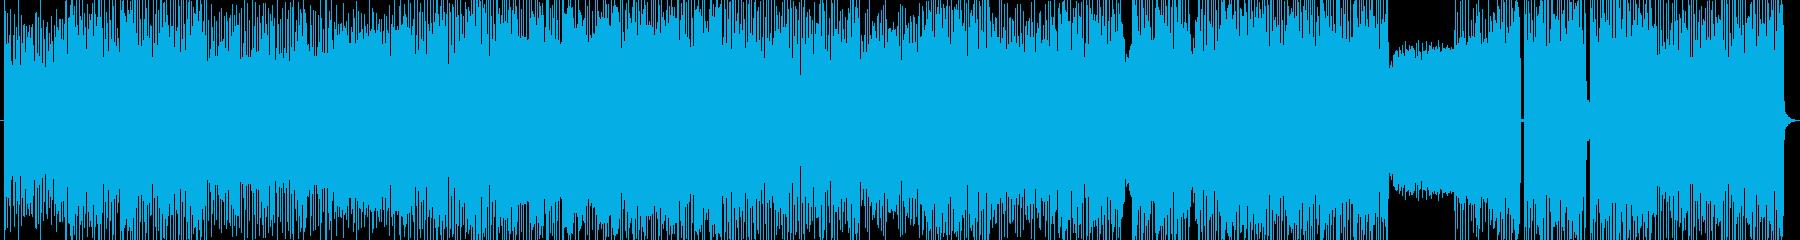 ジャズっぽいポップスですの再生済みの波形